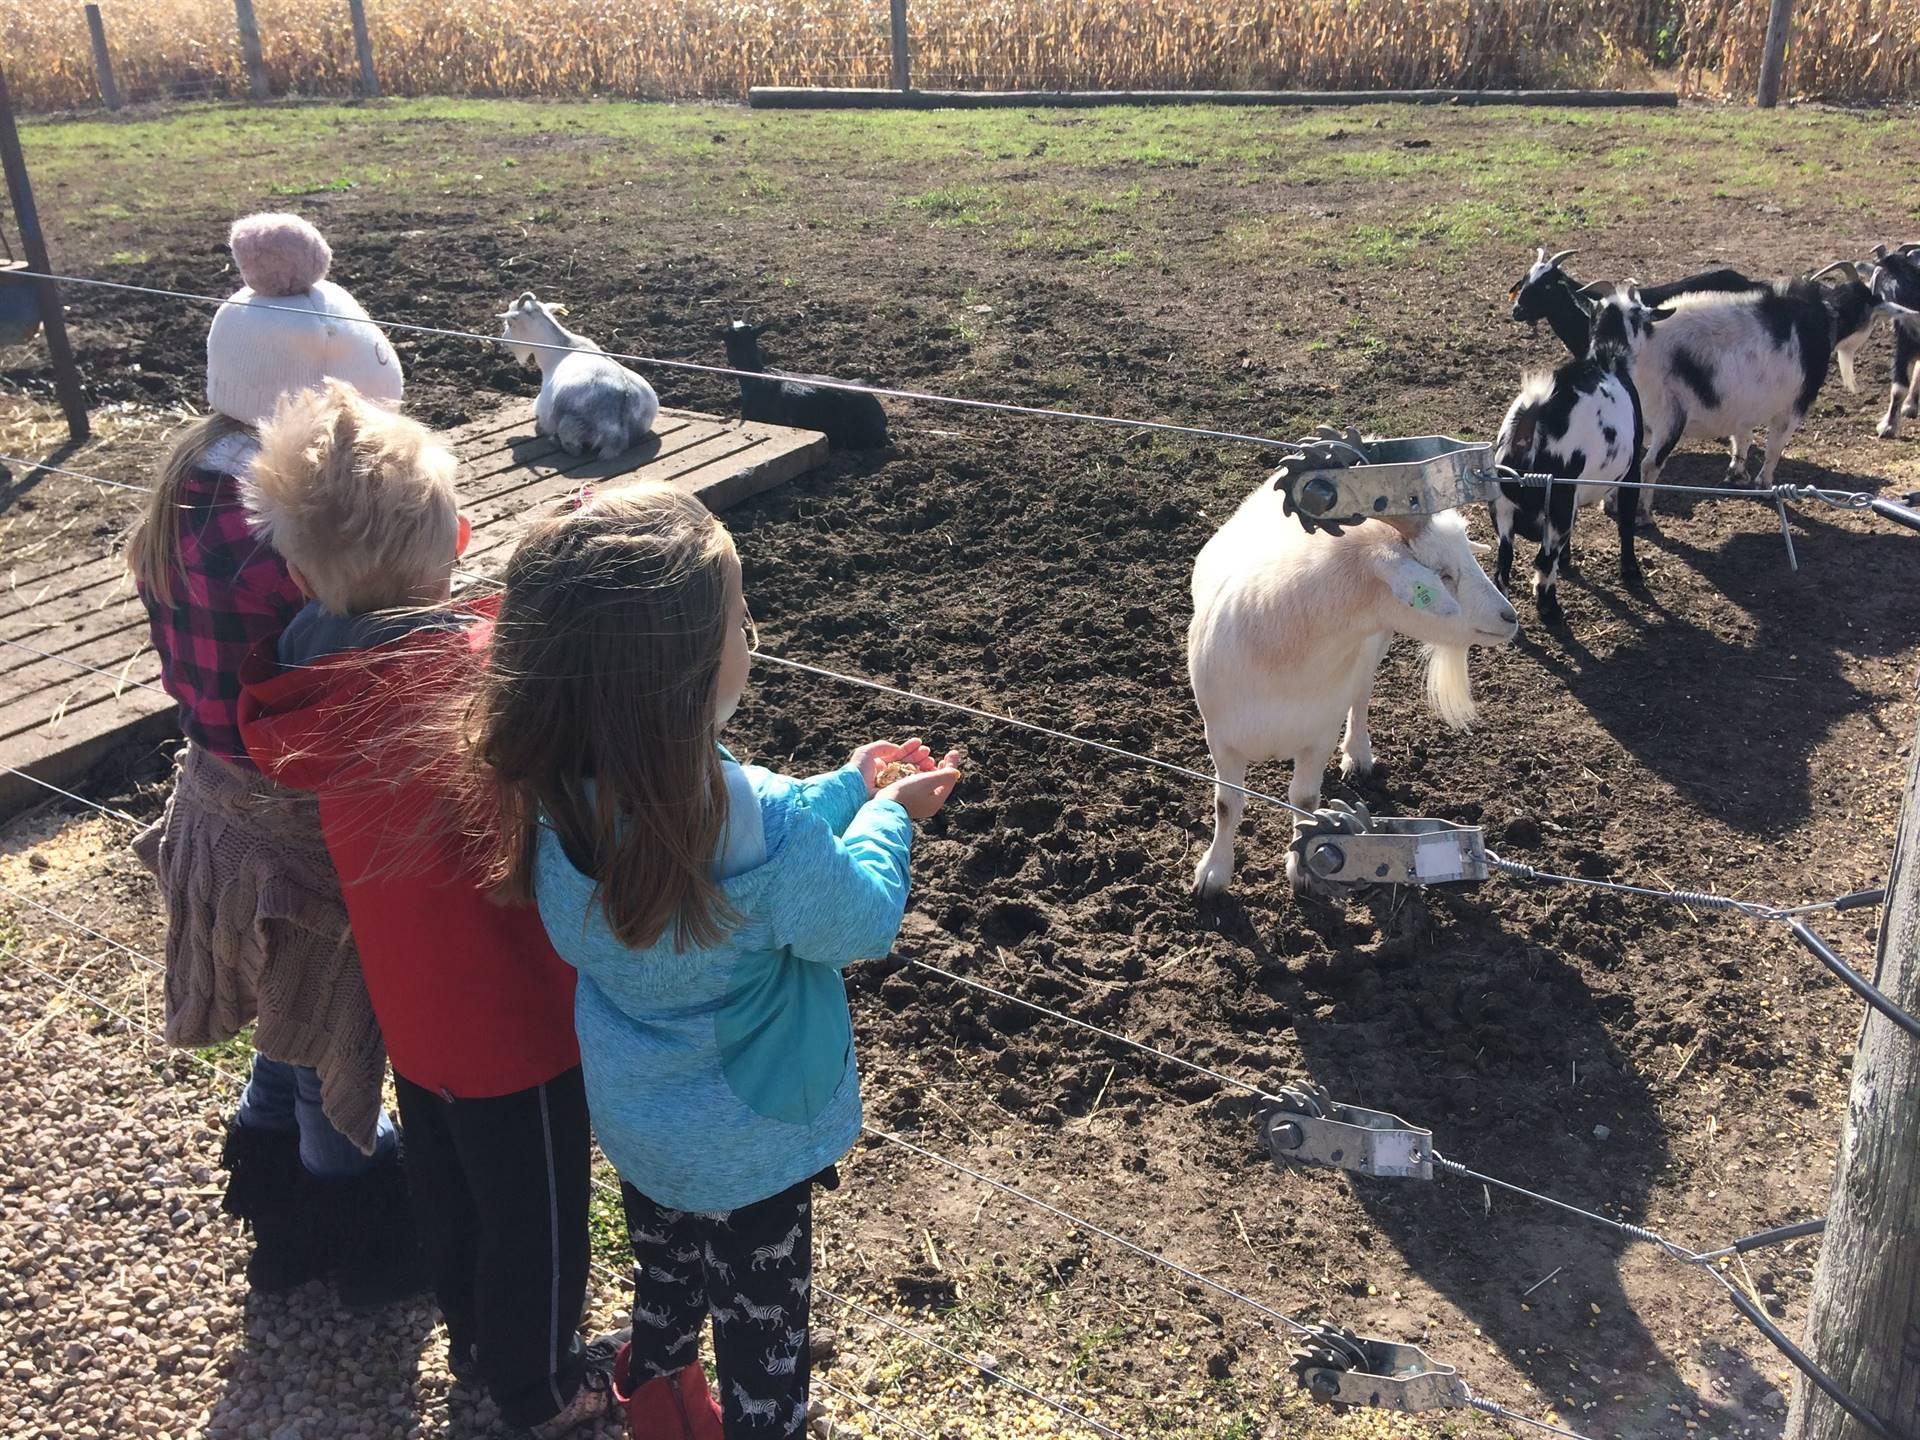 three first graders feeding goats on a farm